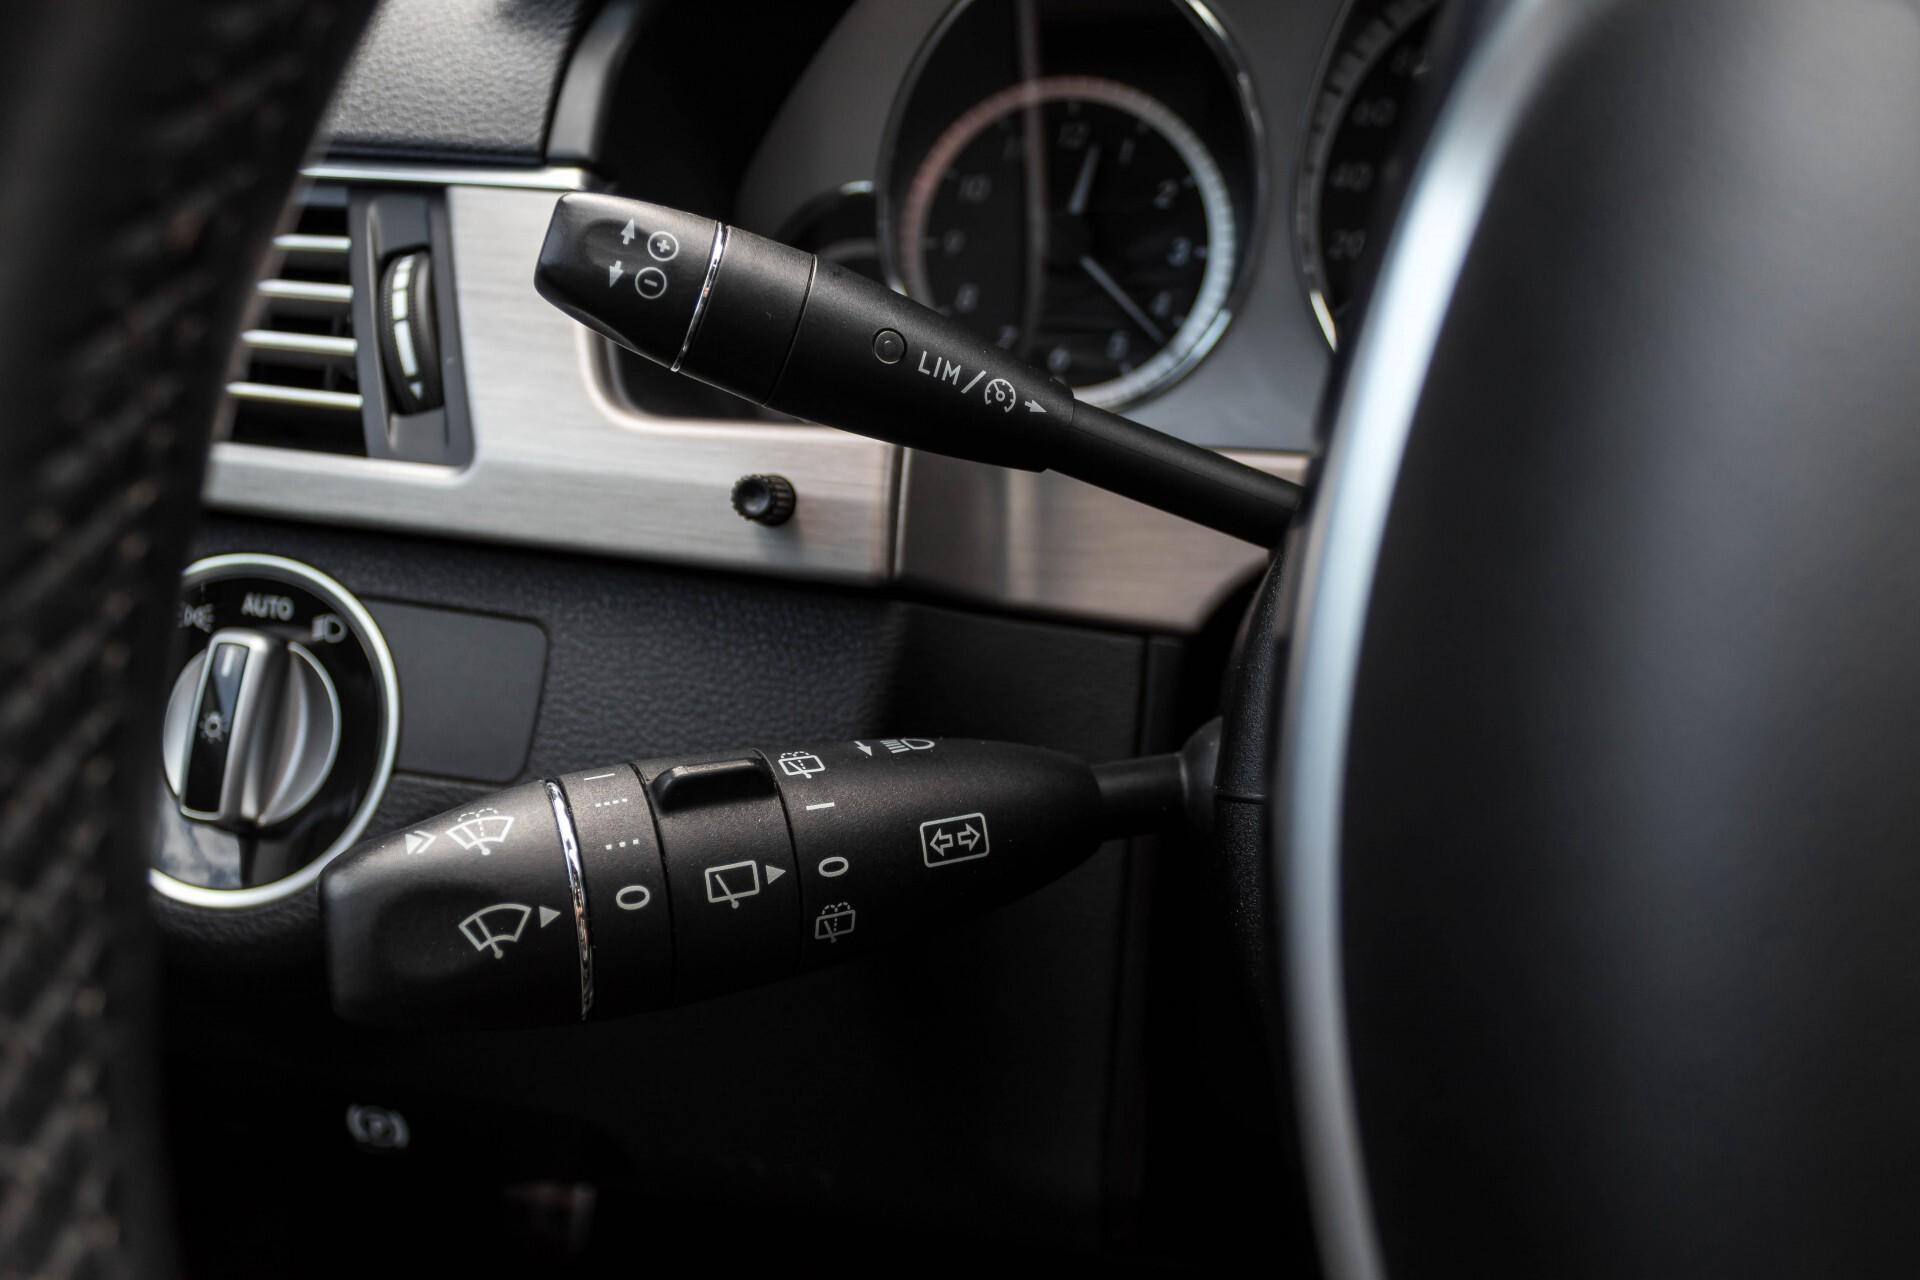 Mercedes-Benz E-Klasse Estate 350 Cdi AMG Luchtvering/Schuifdak/Comand/Harman Kardon/ILS Aut7 Foto 11